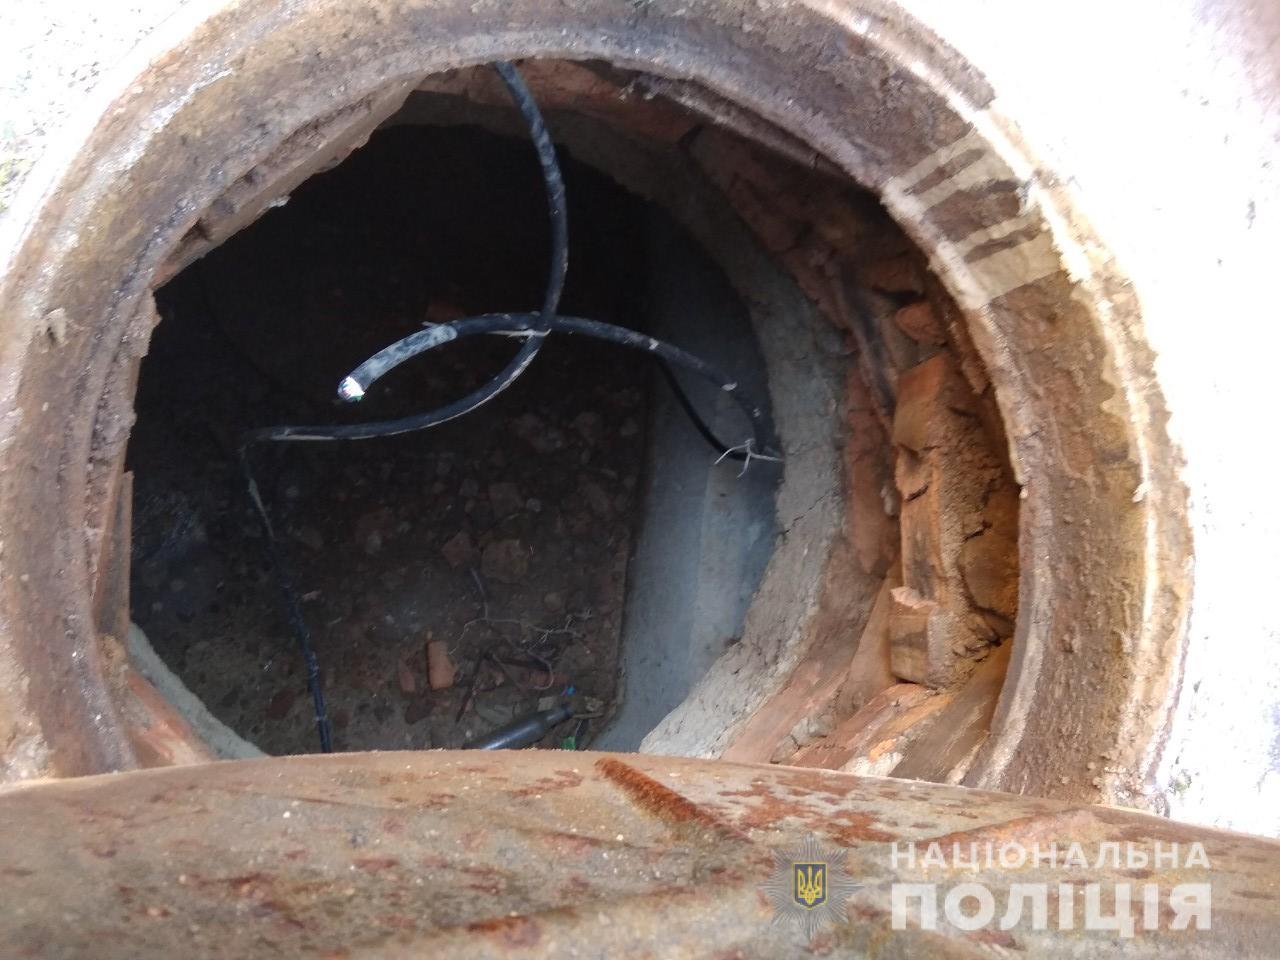 В Никополе 24-летний мужчина вырезал более 700 метров телефонного кабеля